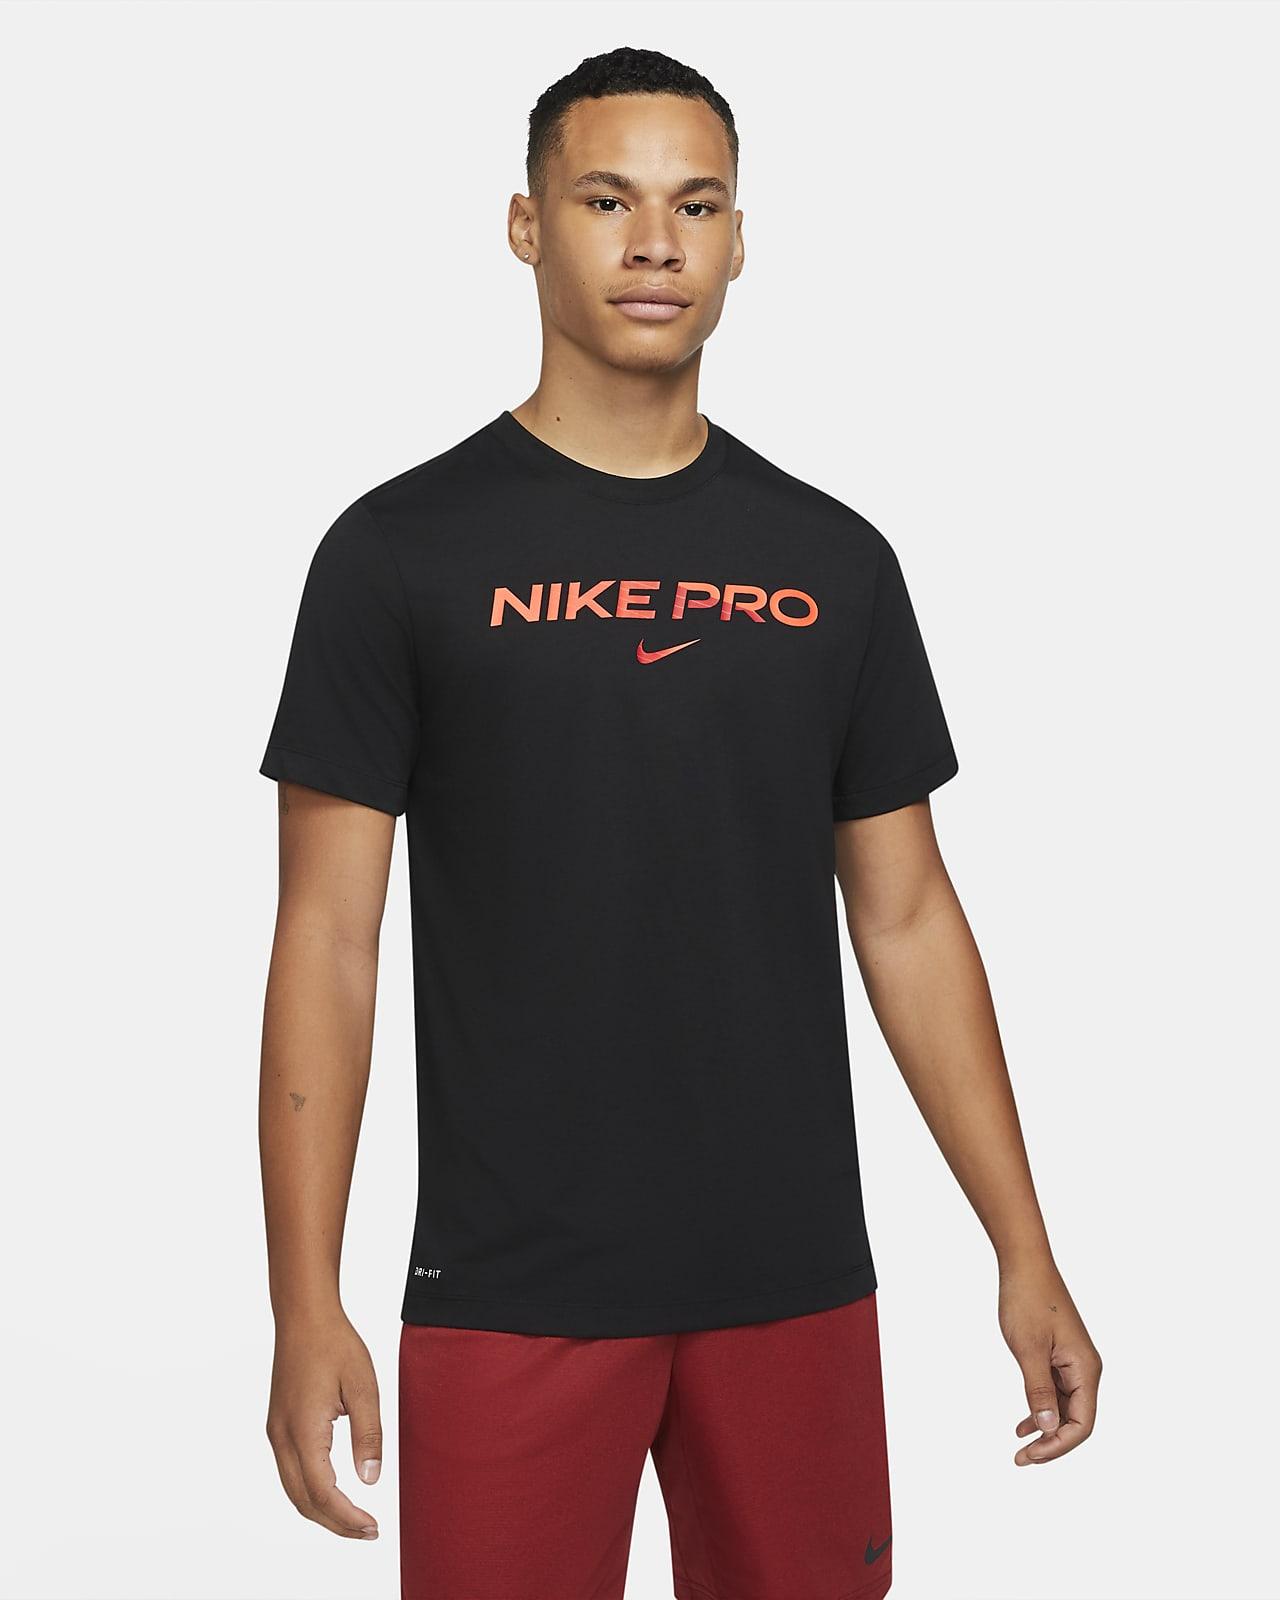 Nike Pro-T-shirt til mænd